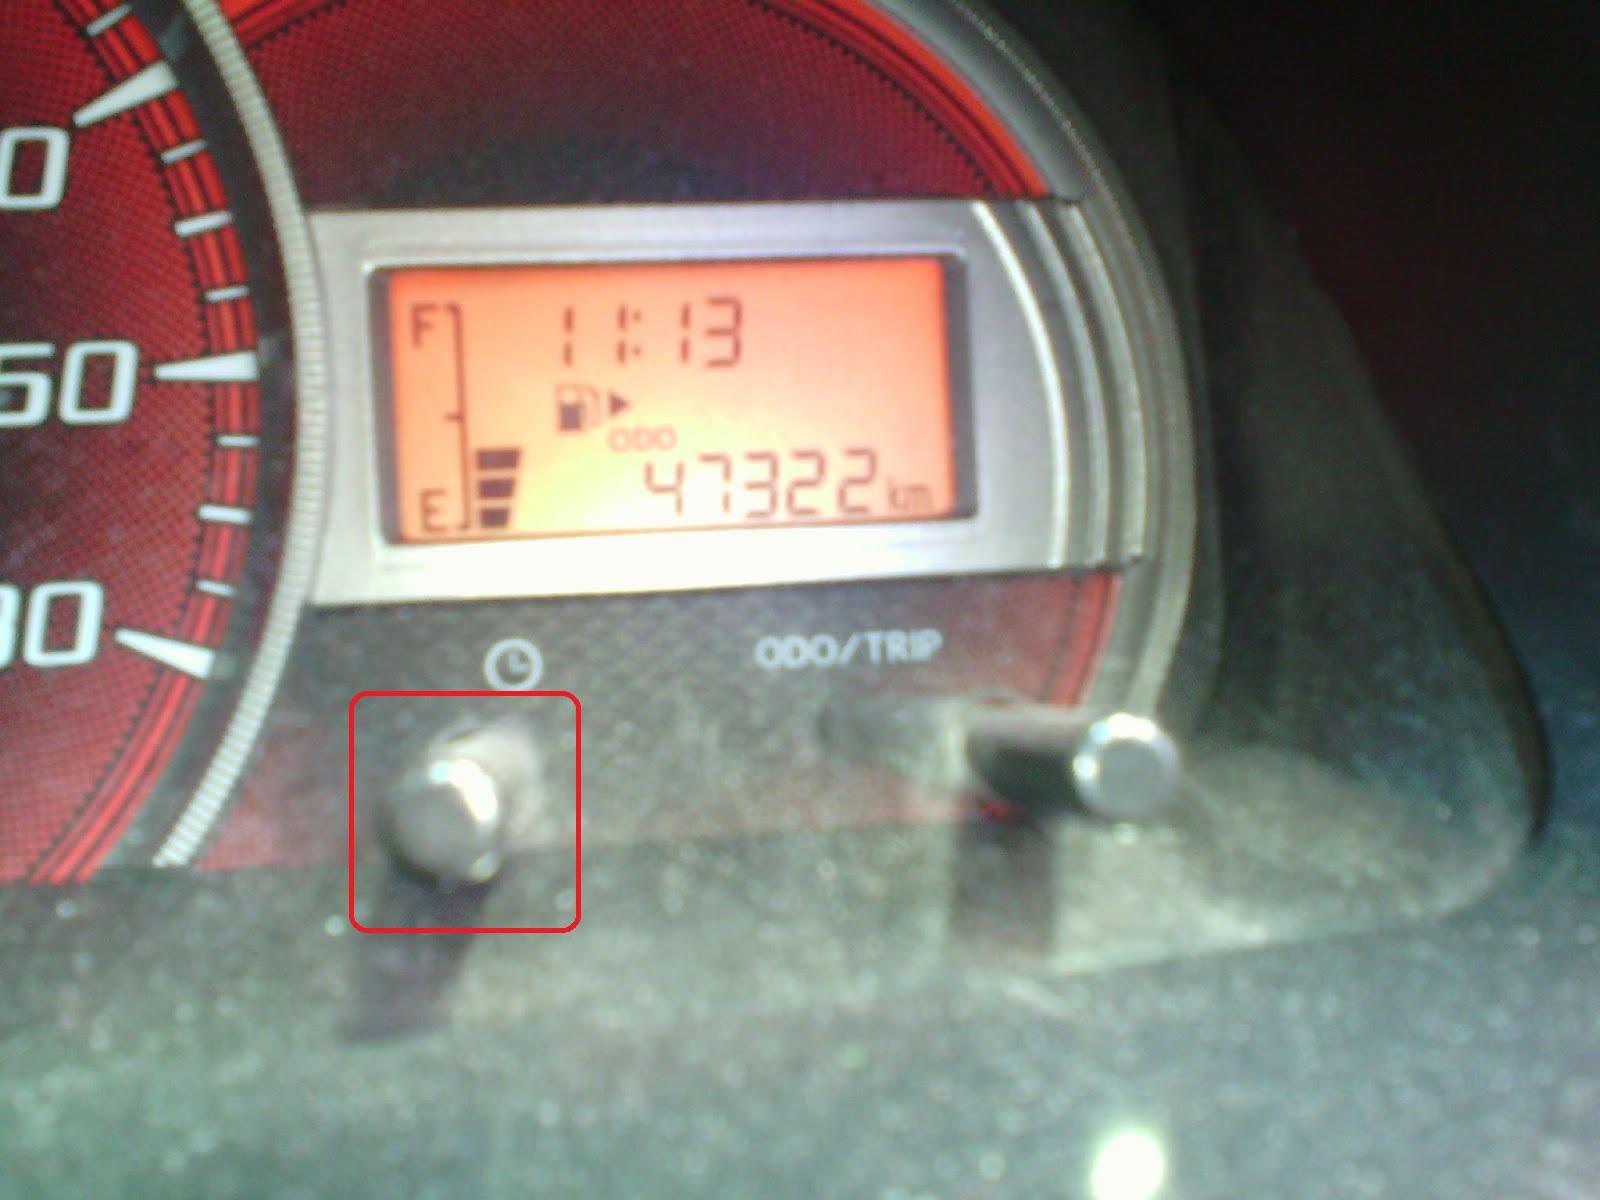 cara setting alarm grand new avanza top speed veloz jitu mengatur jam pada mobil 2013 2014